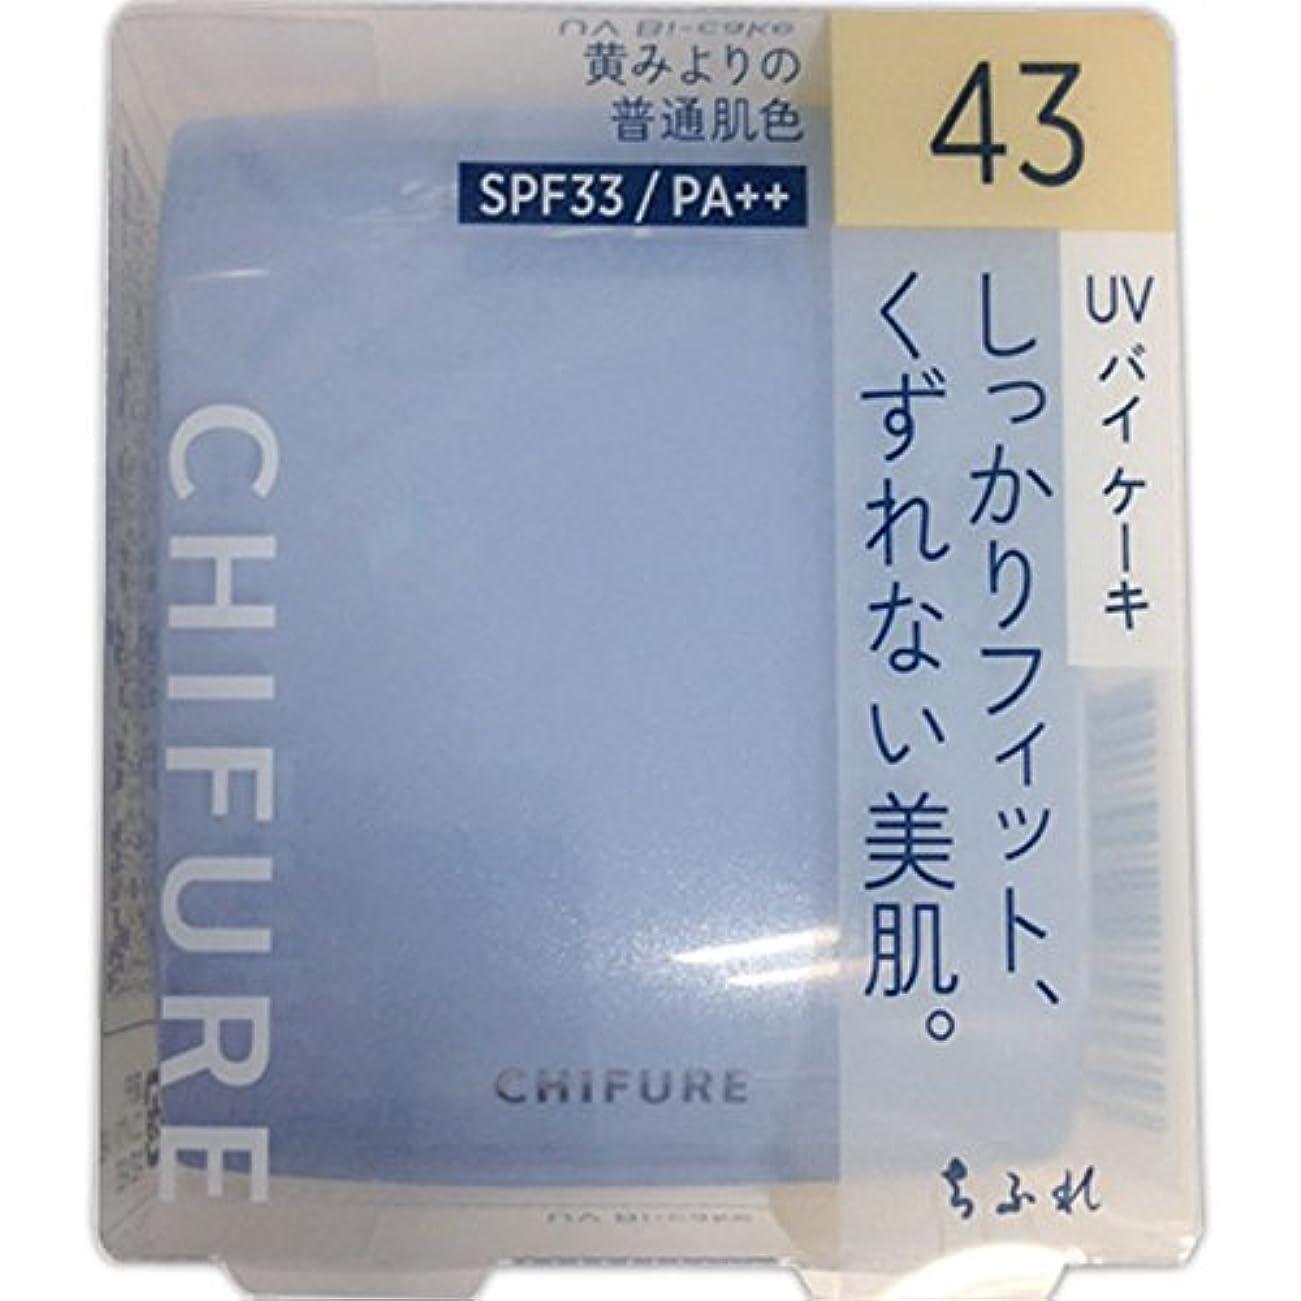 バーター欠伸摂氏度ちふれ化粧品 UV バイ ケーキ(スポンジ入り) 43 黄みよりの普通肌色 43